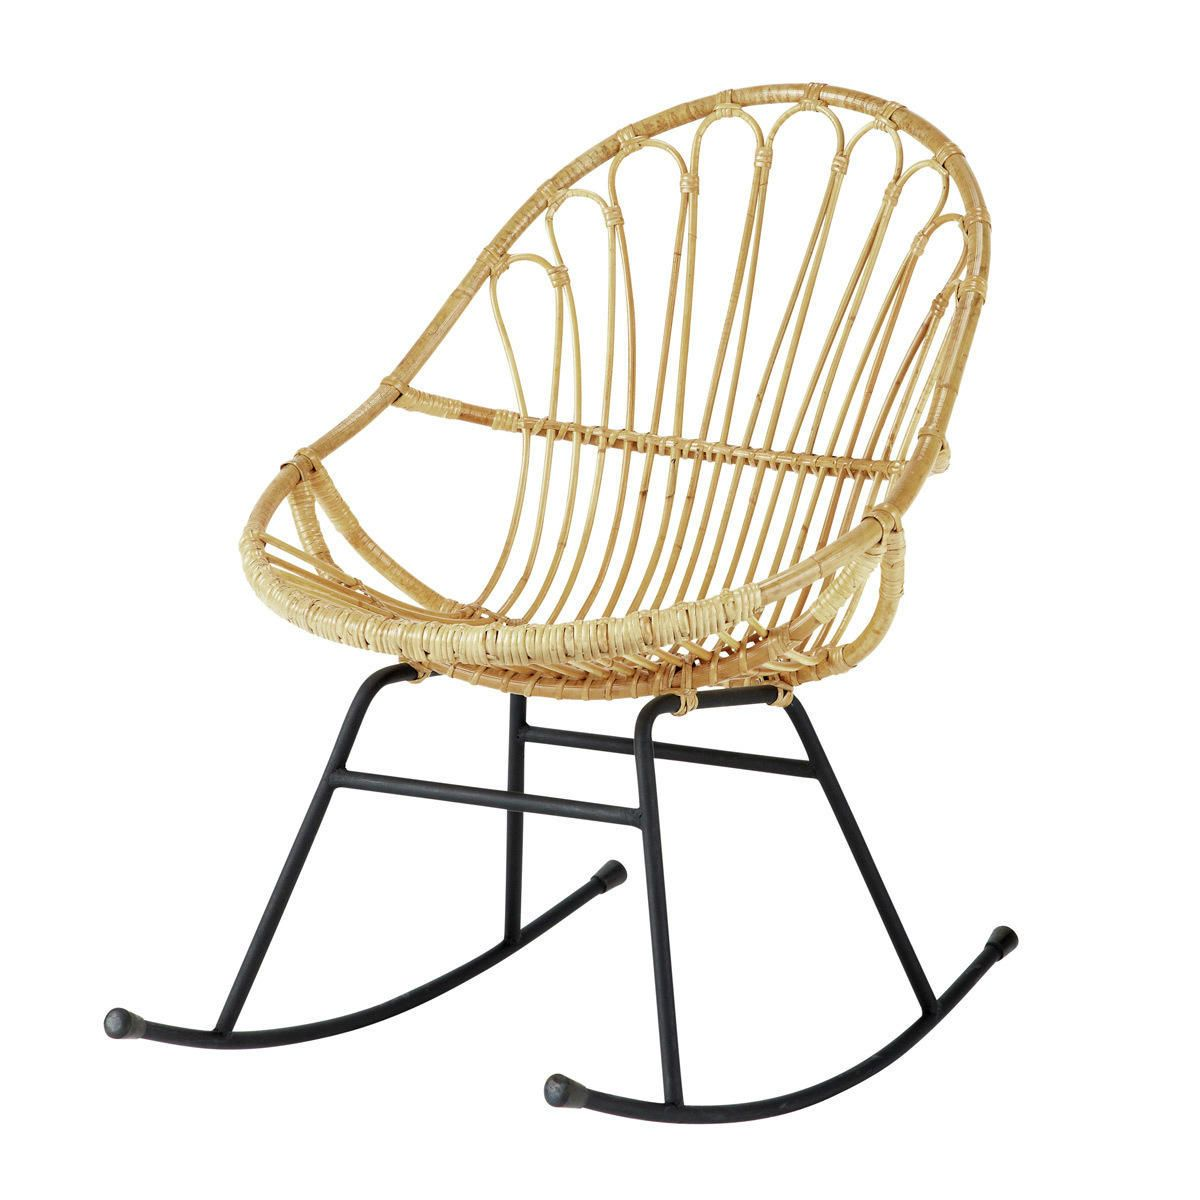 Canape Chien Maison Du Monde rattan rocking chair | rattan rocking chair, rocking chair